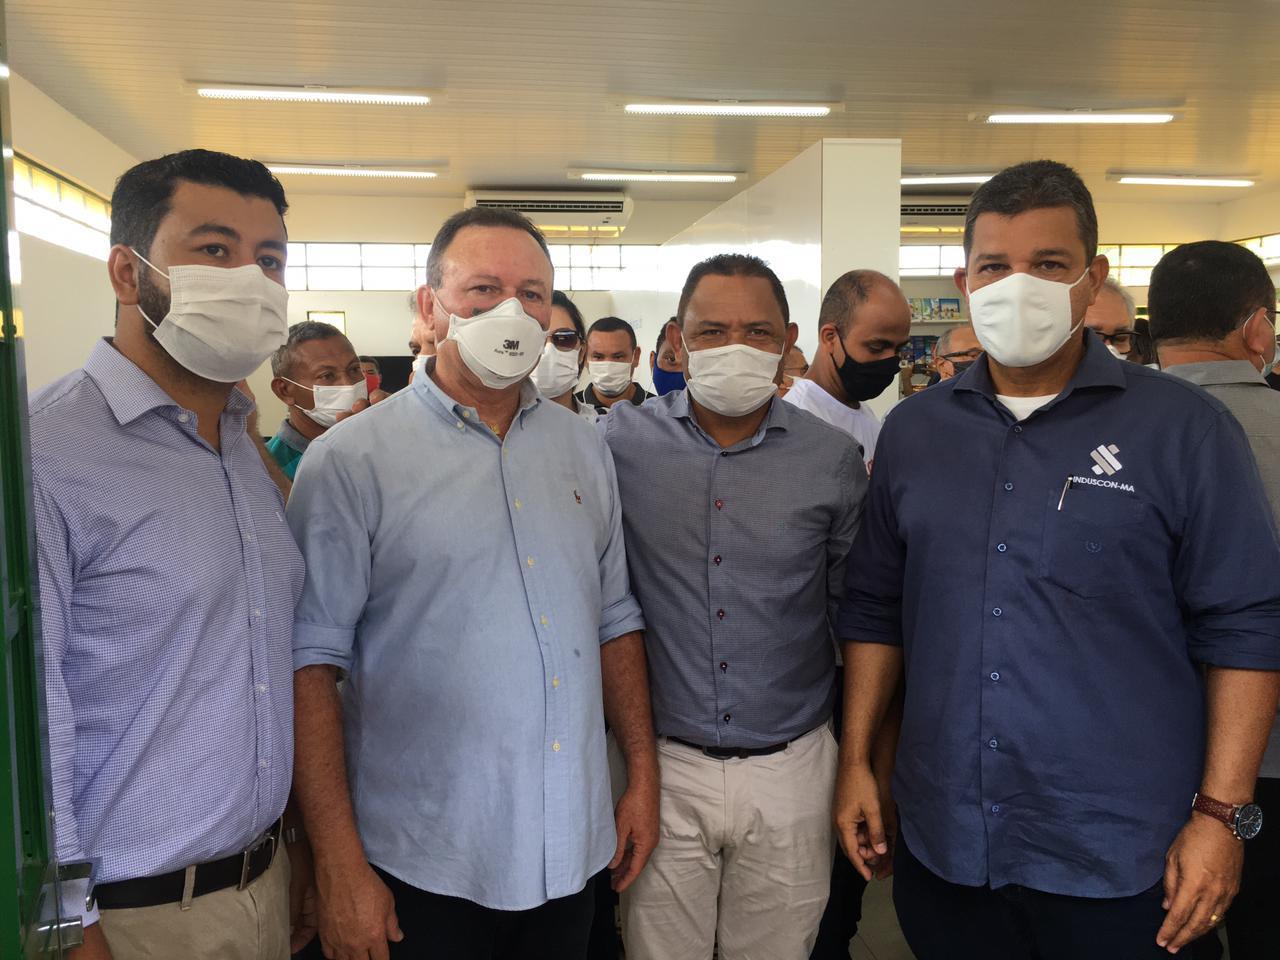 O presidente da FIEMA e diretor regional do SESI, Edilson Baldez das Neves participou no município de Itapecuru-Mirim da entrega de uma unidade da Indústria do Conhecimento.